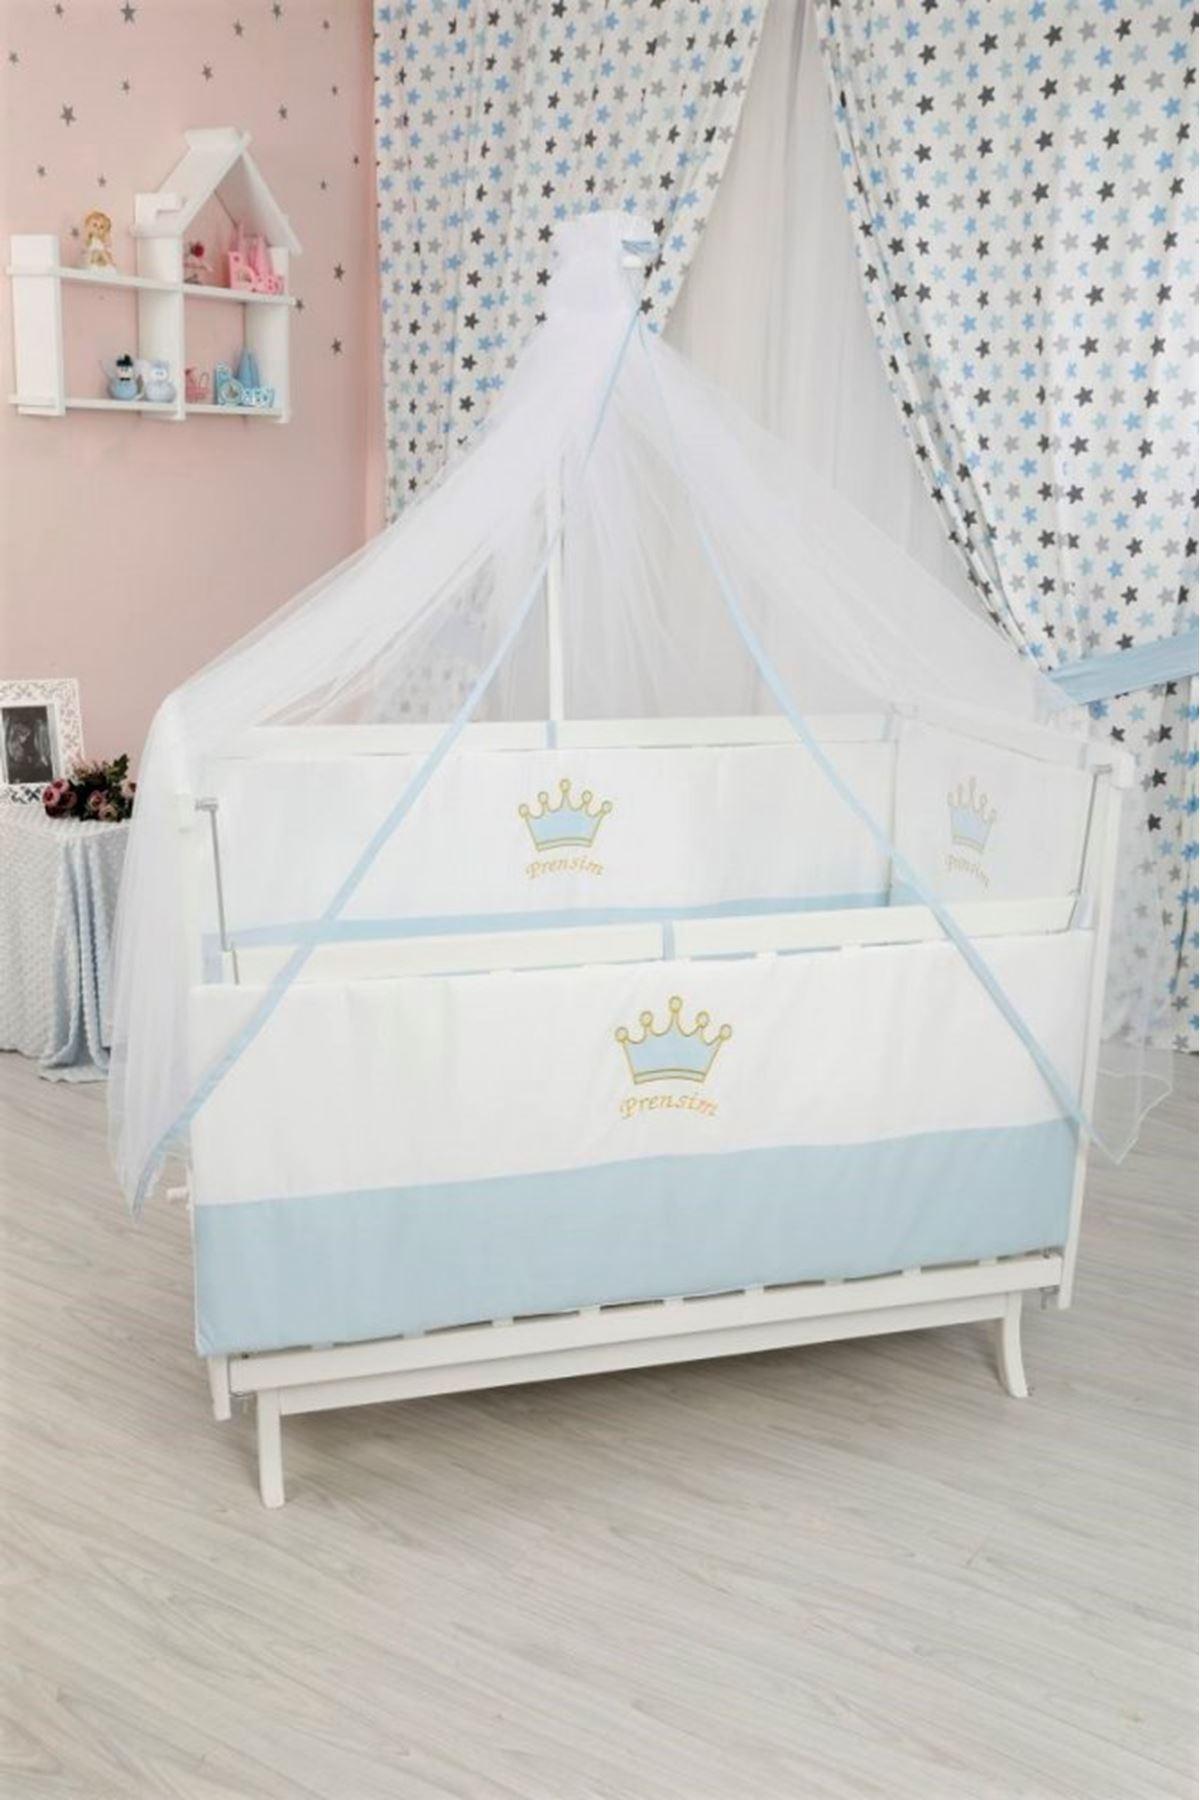 Mavi Taçlı Uyku Seti ile Beyaz Karyola Bebek Beşiği